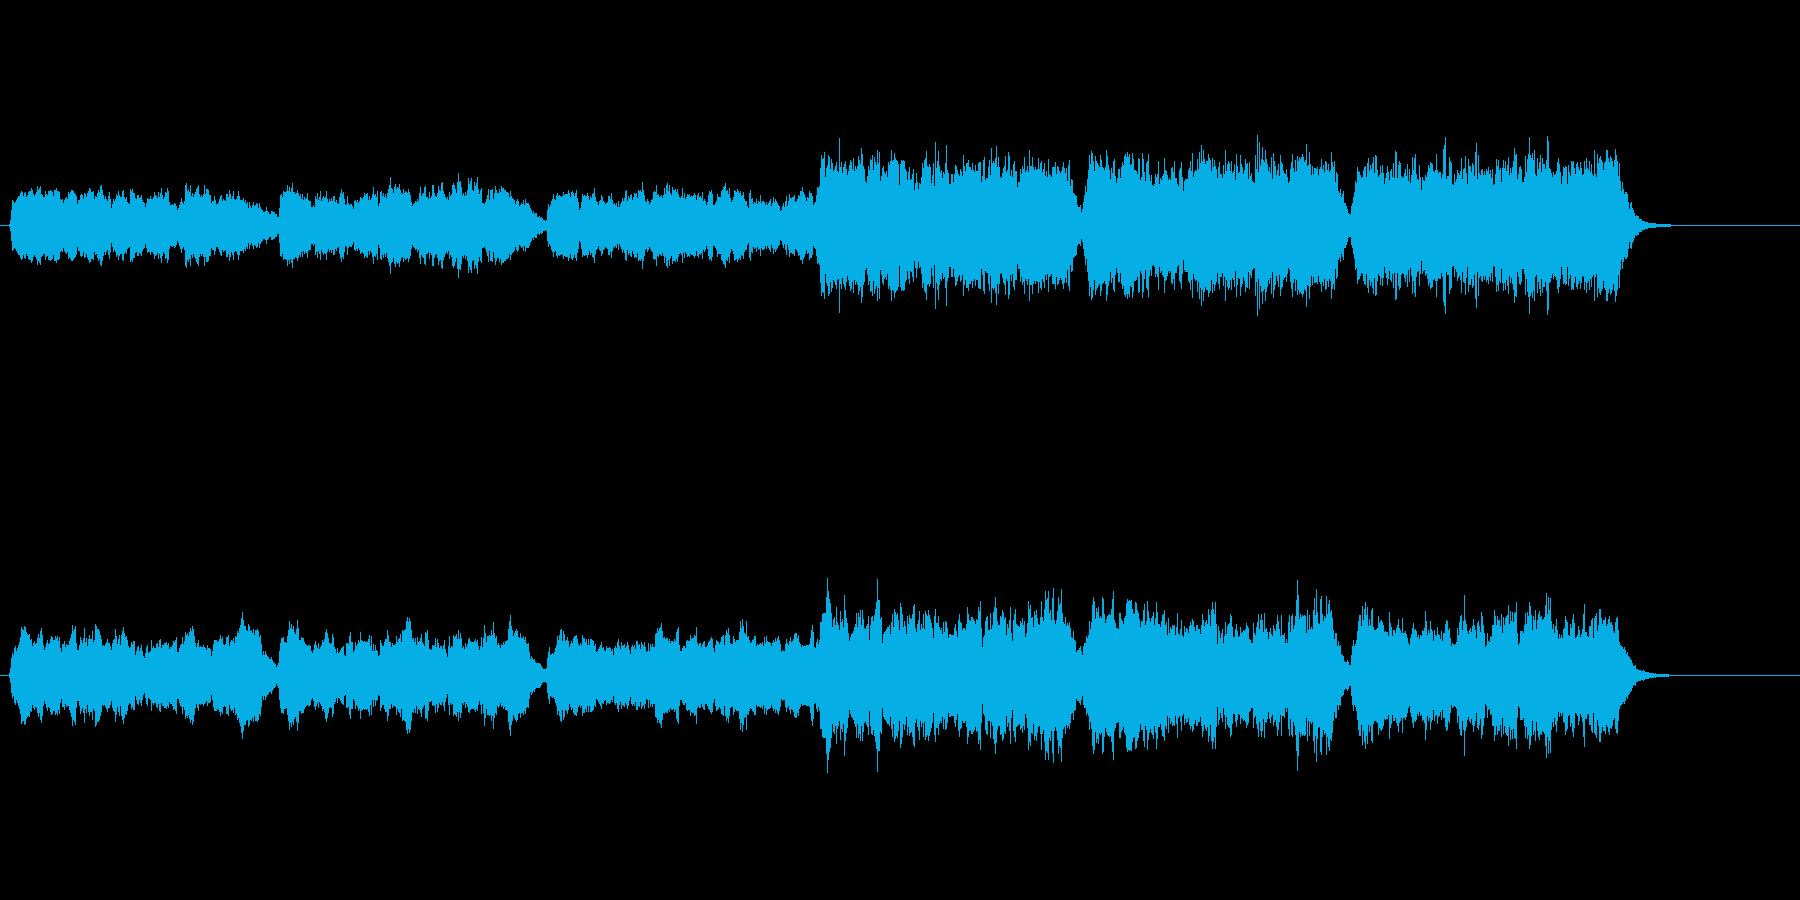 厳かな雰囲気の曲の再生済みの波形